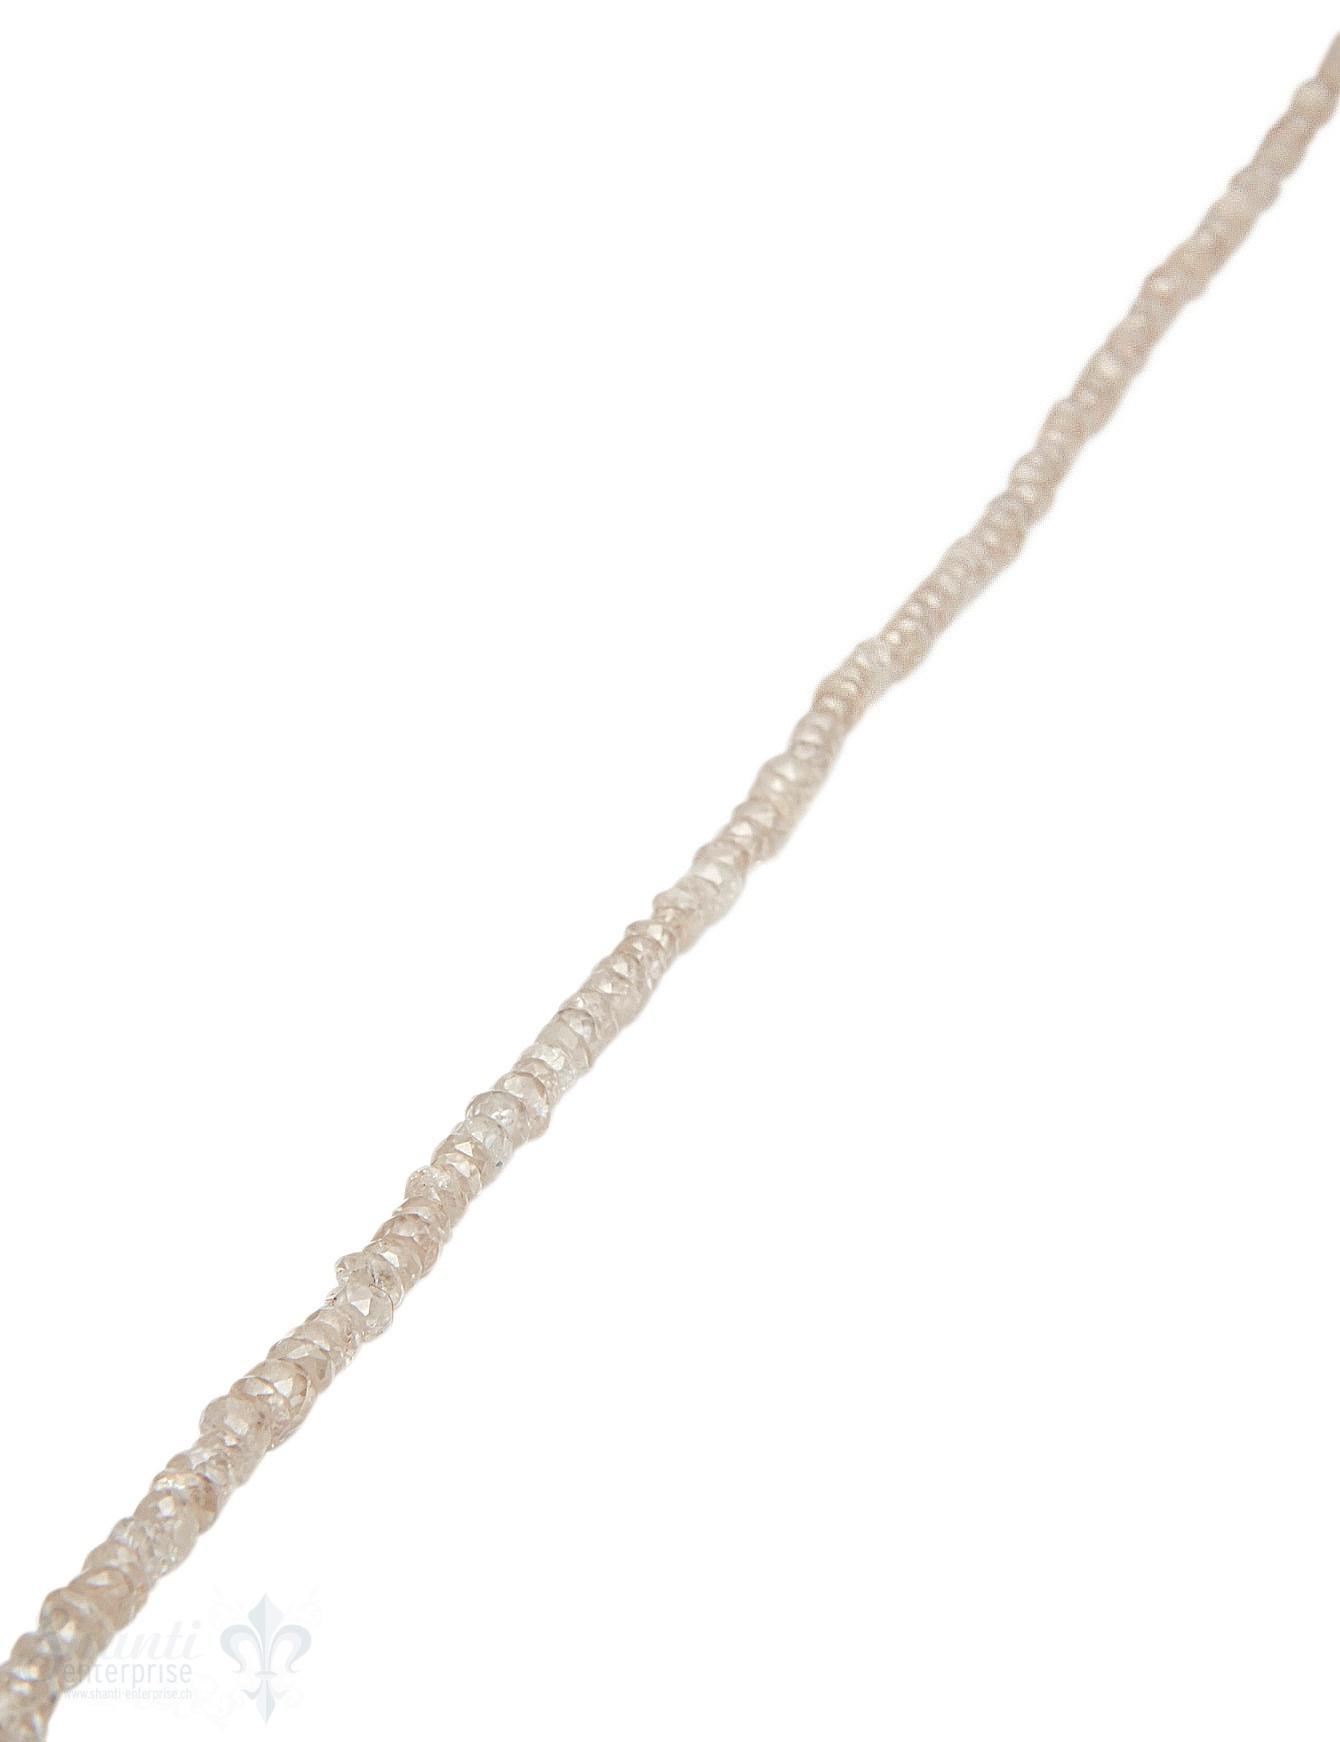 Zirkon Strang champagner facettiert buttons 34 cm lang AAA  echter Stein